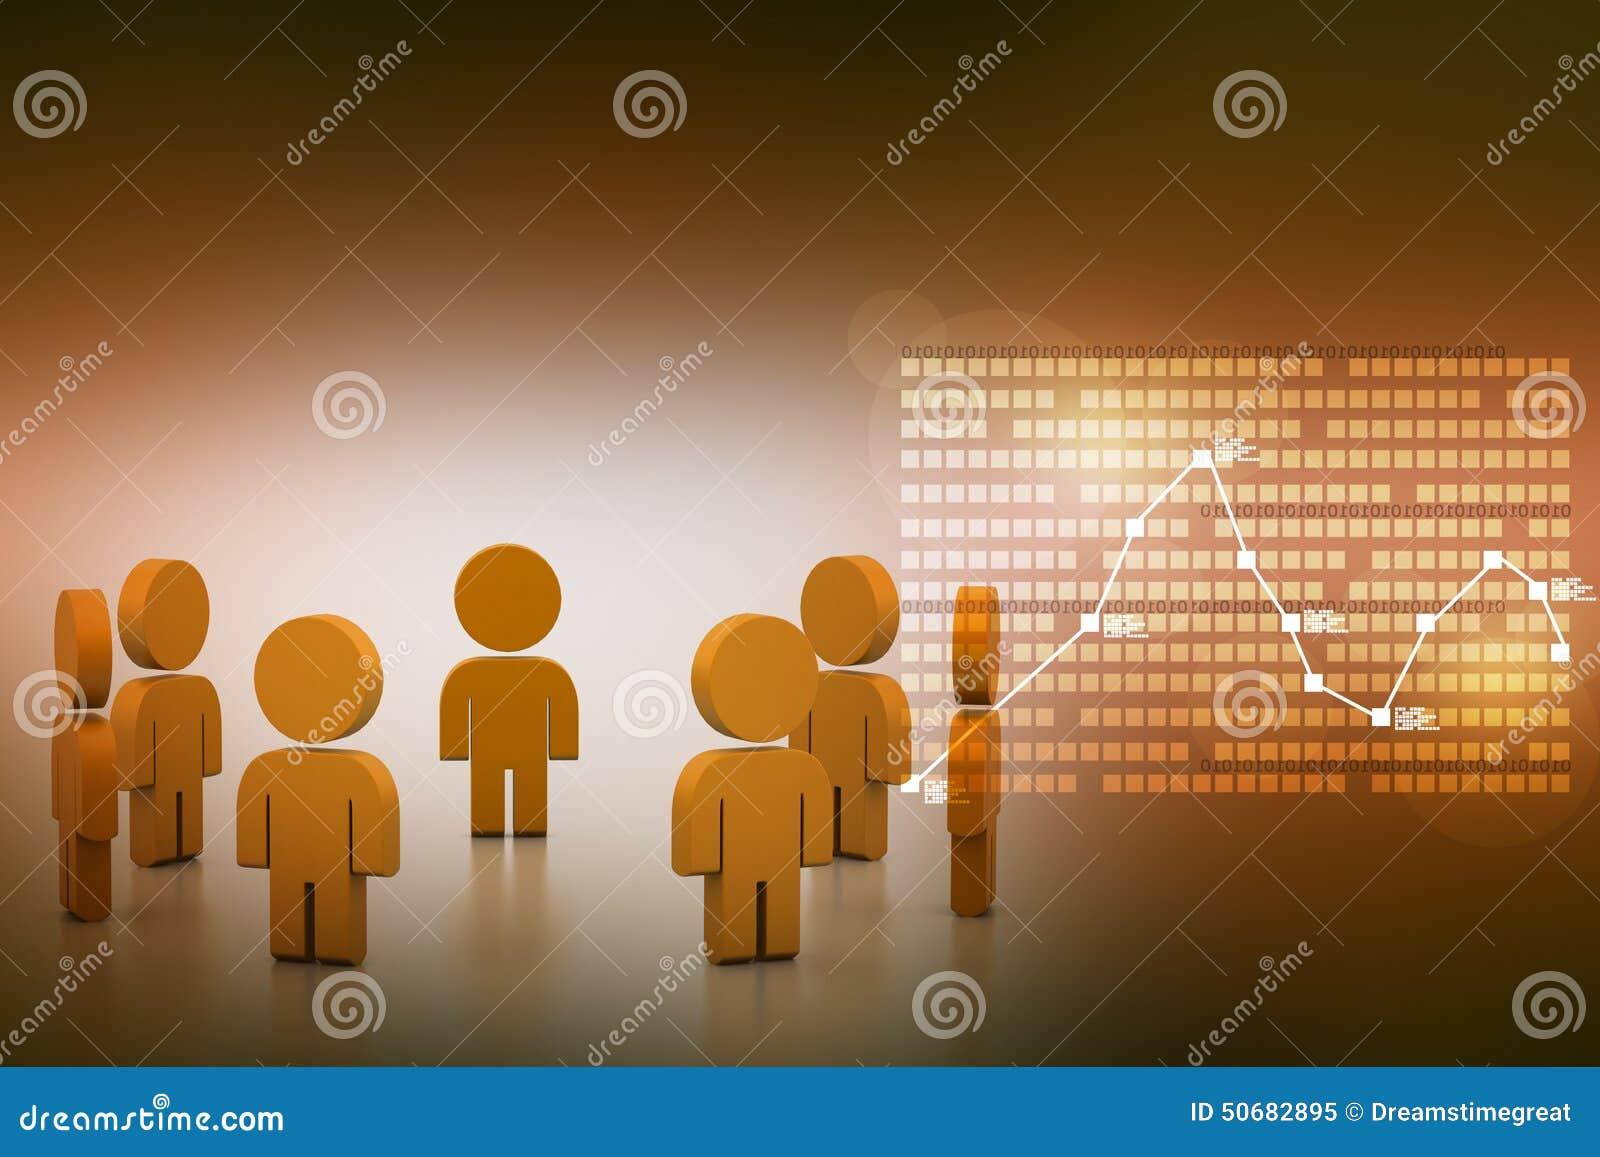 Download 领导概念 库存例证. 插画 包括有 网络, 字符, 领导, 经理, 专业人员, 特殊, 领导先锋, 追逐 - 50682895